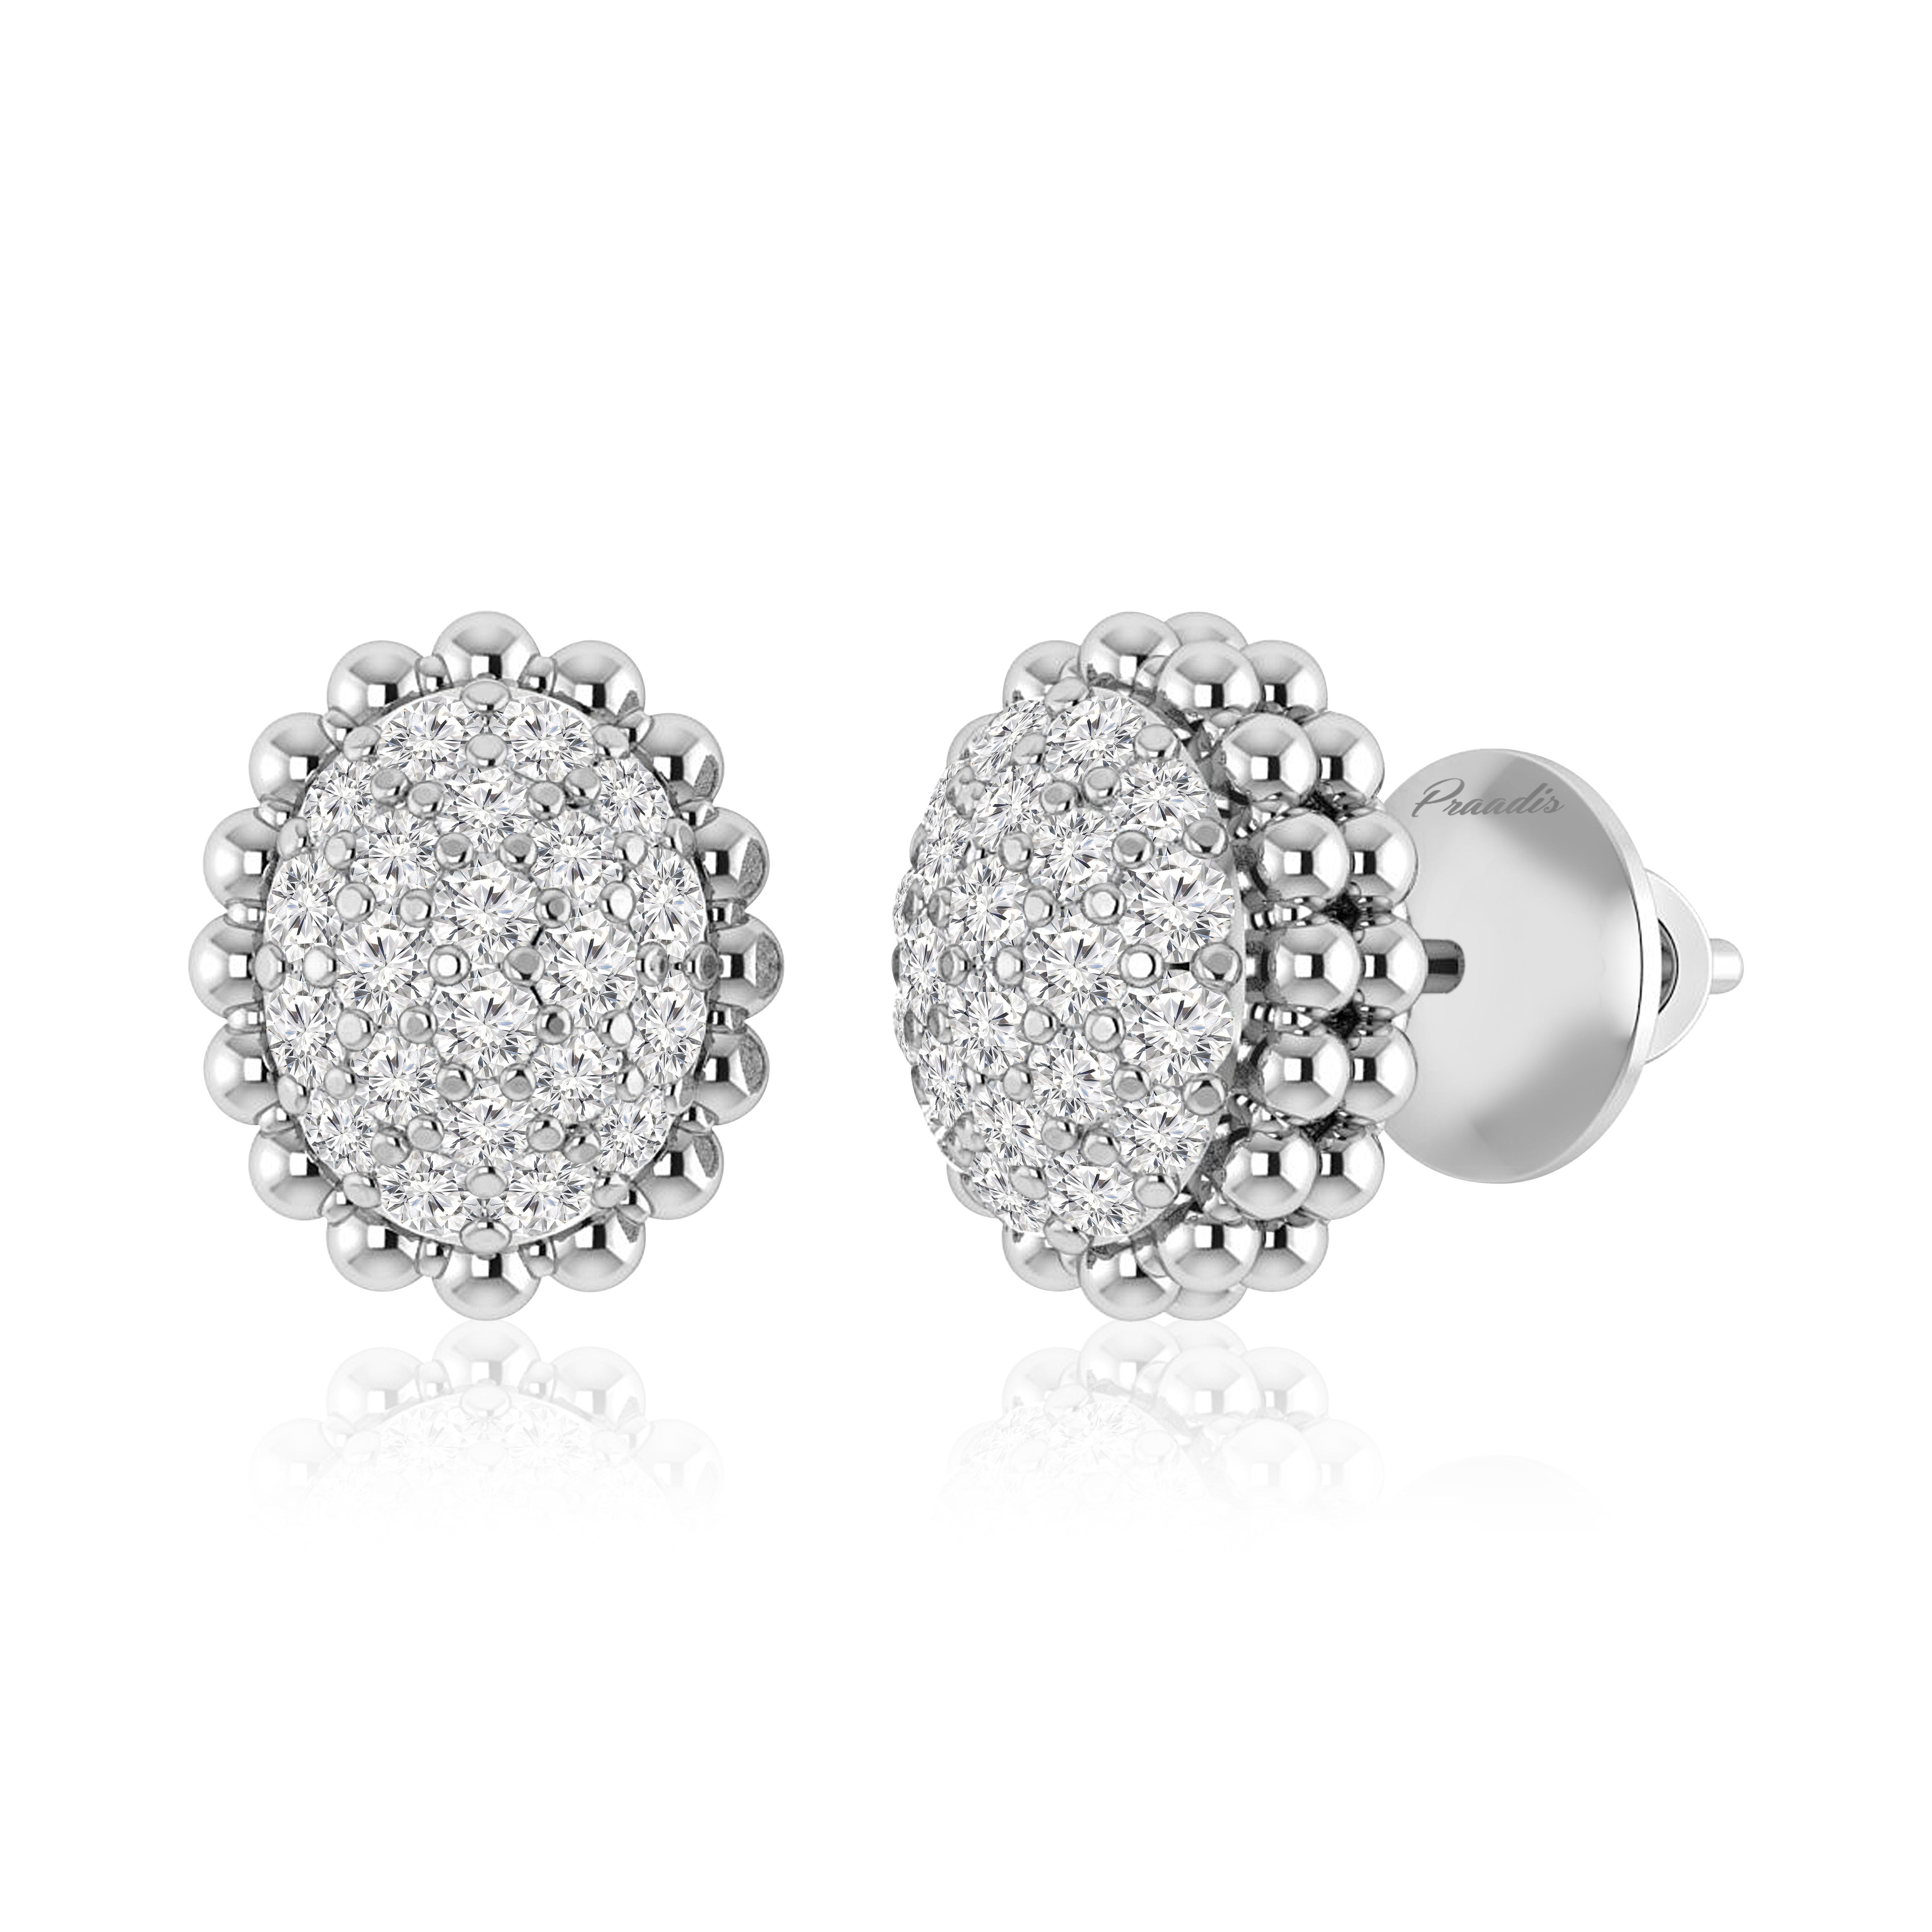 Arissa Studs Earring 14kt Rose Gold White Diamonds